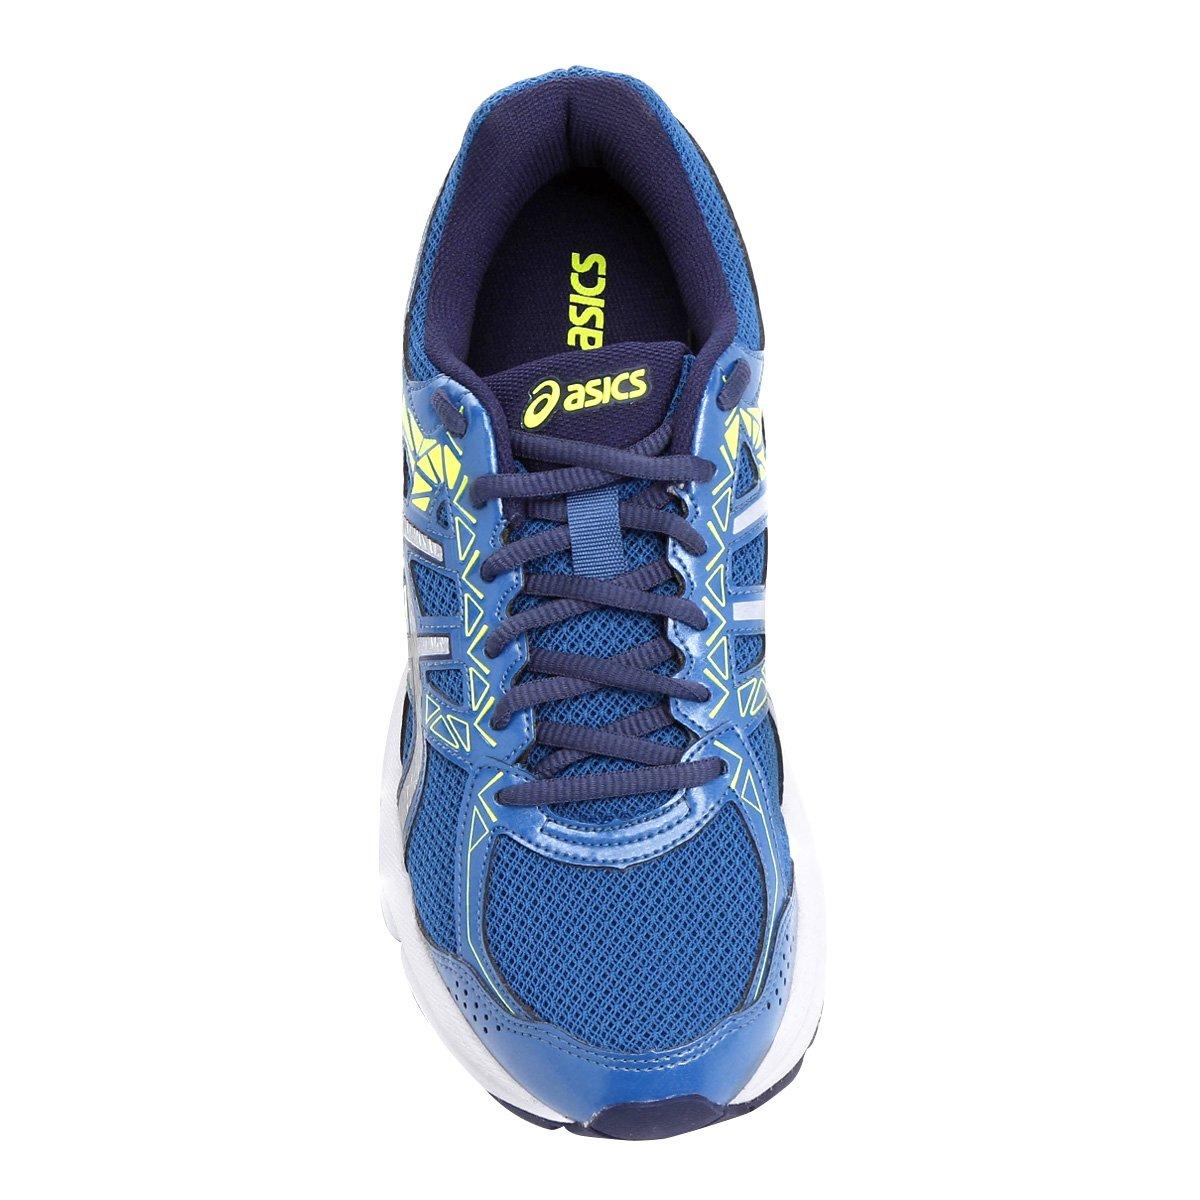 ec71de64d0 Tênis Asics Gel Exalt 3 A Masculino - Azul e Verde Limão - Compre ...